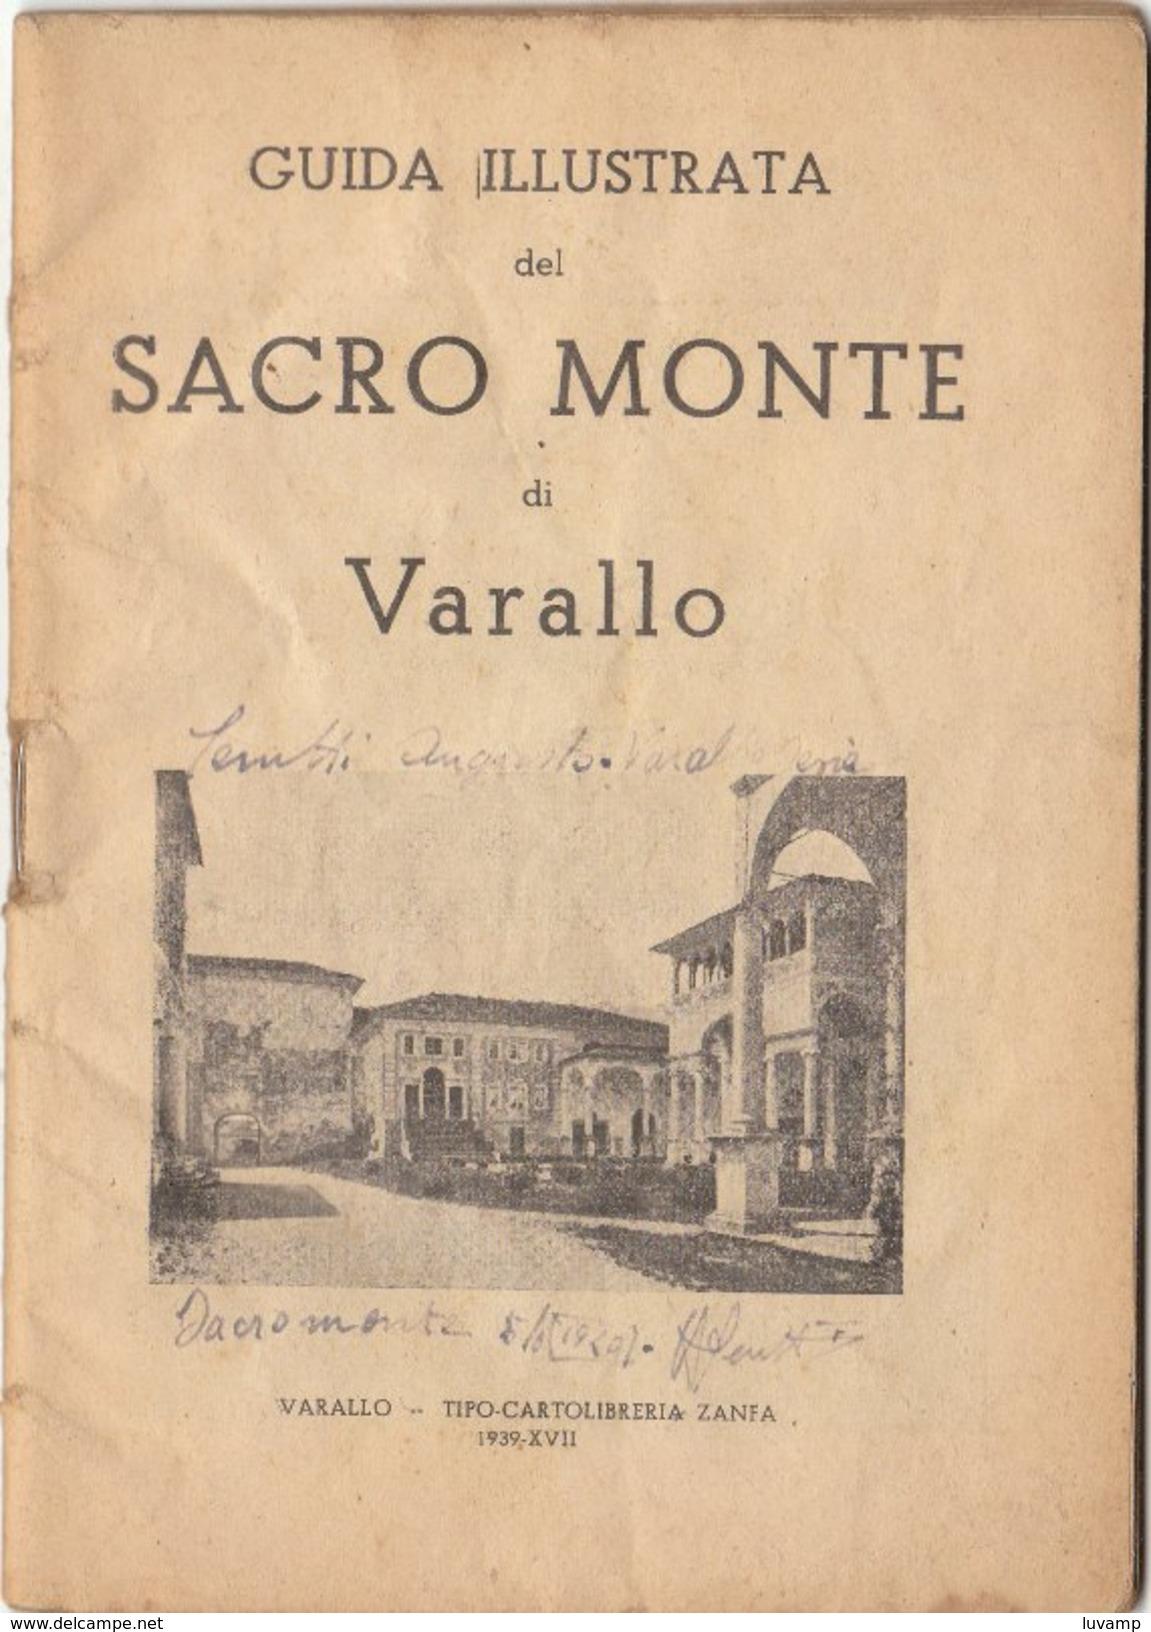 SACRO MONTE Di VARALLO SESIA- Guida Ilustrata -Libretto 1939  (221010) - Libri, Riviste, Fumetti